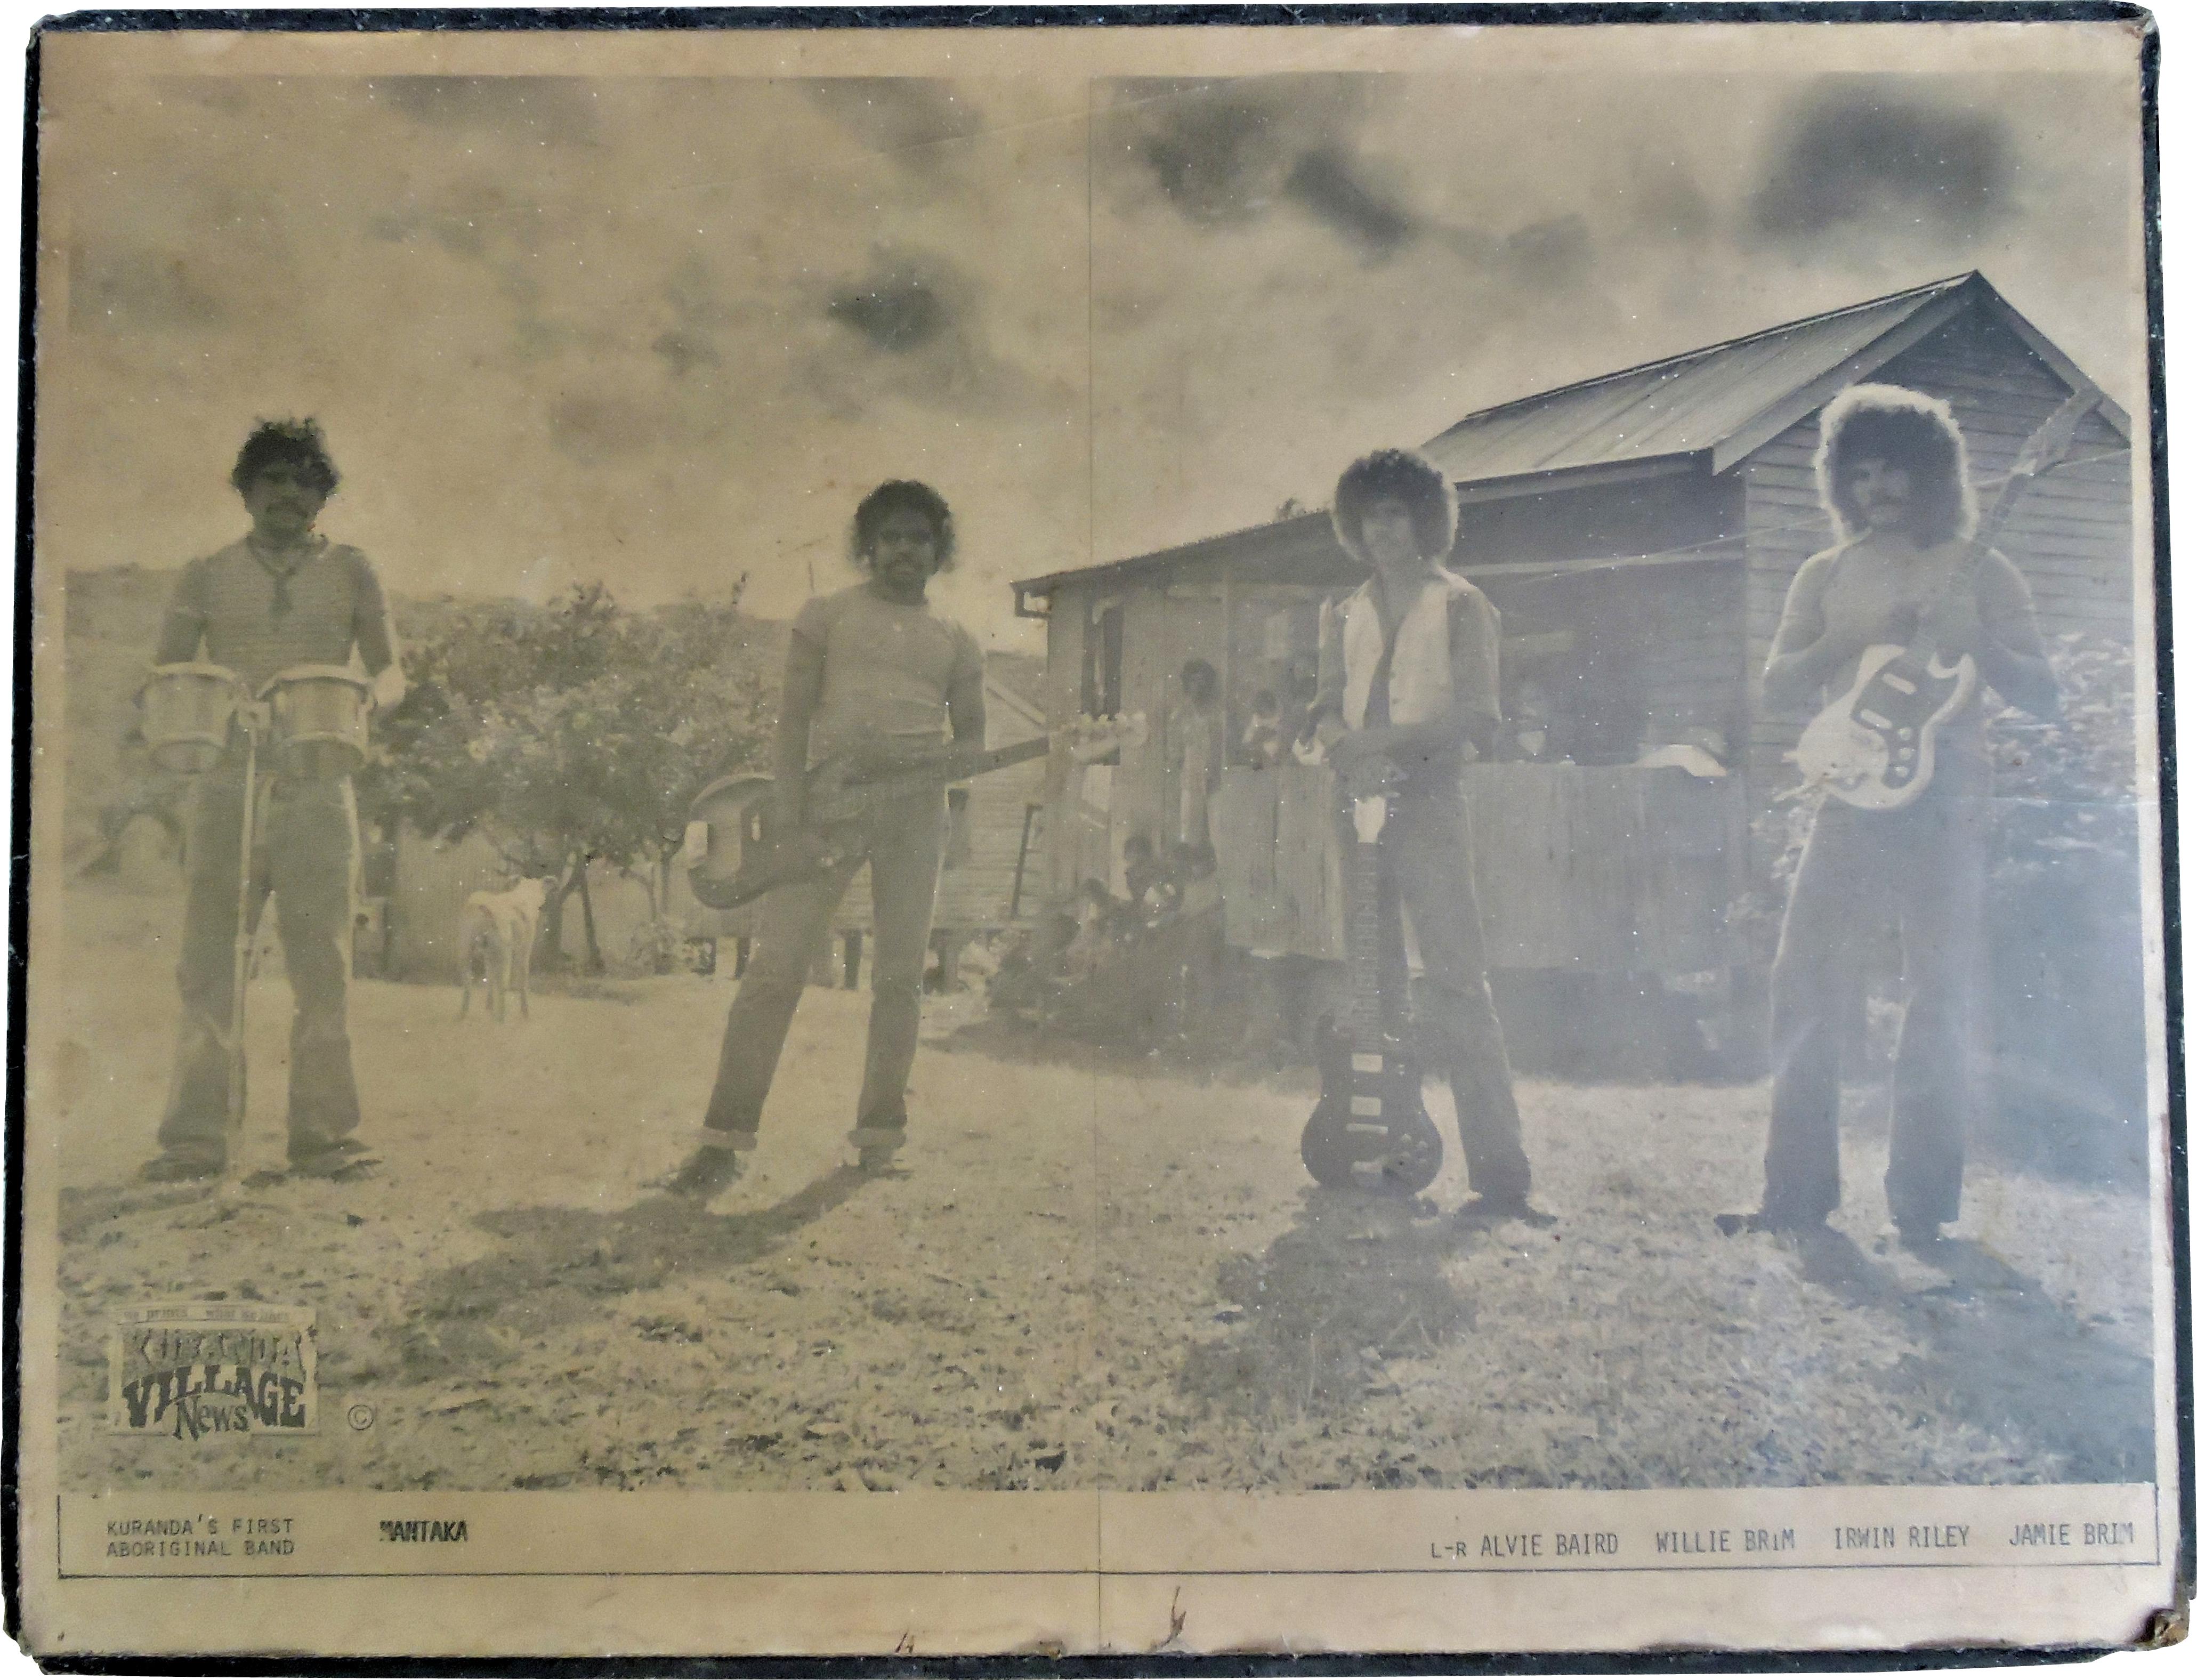 Mantaka-Alvie-Baird-Willie-Brim-Irwin-Riley-James-Brim